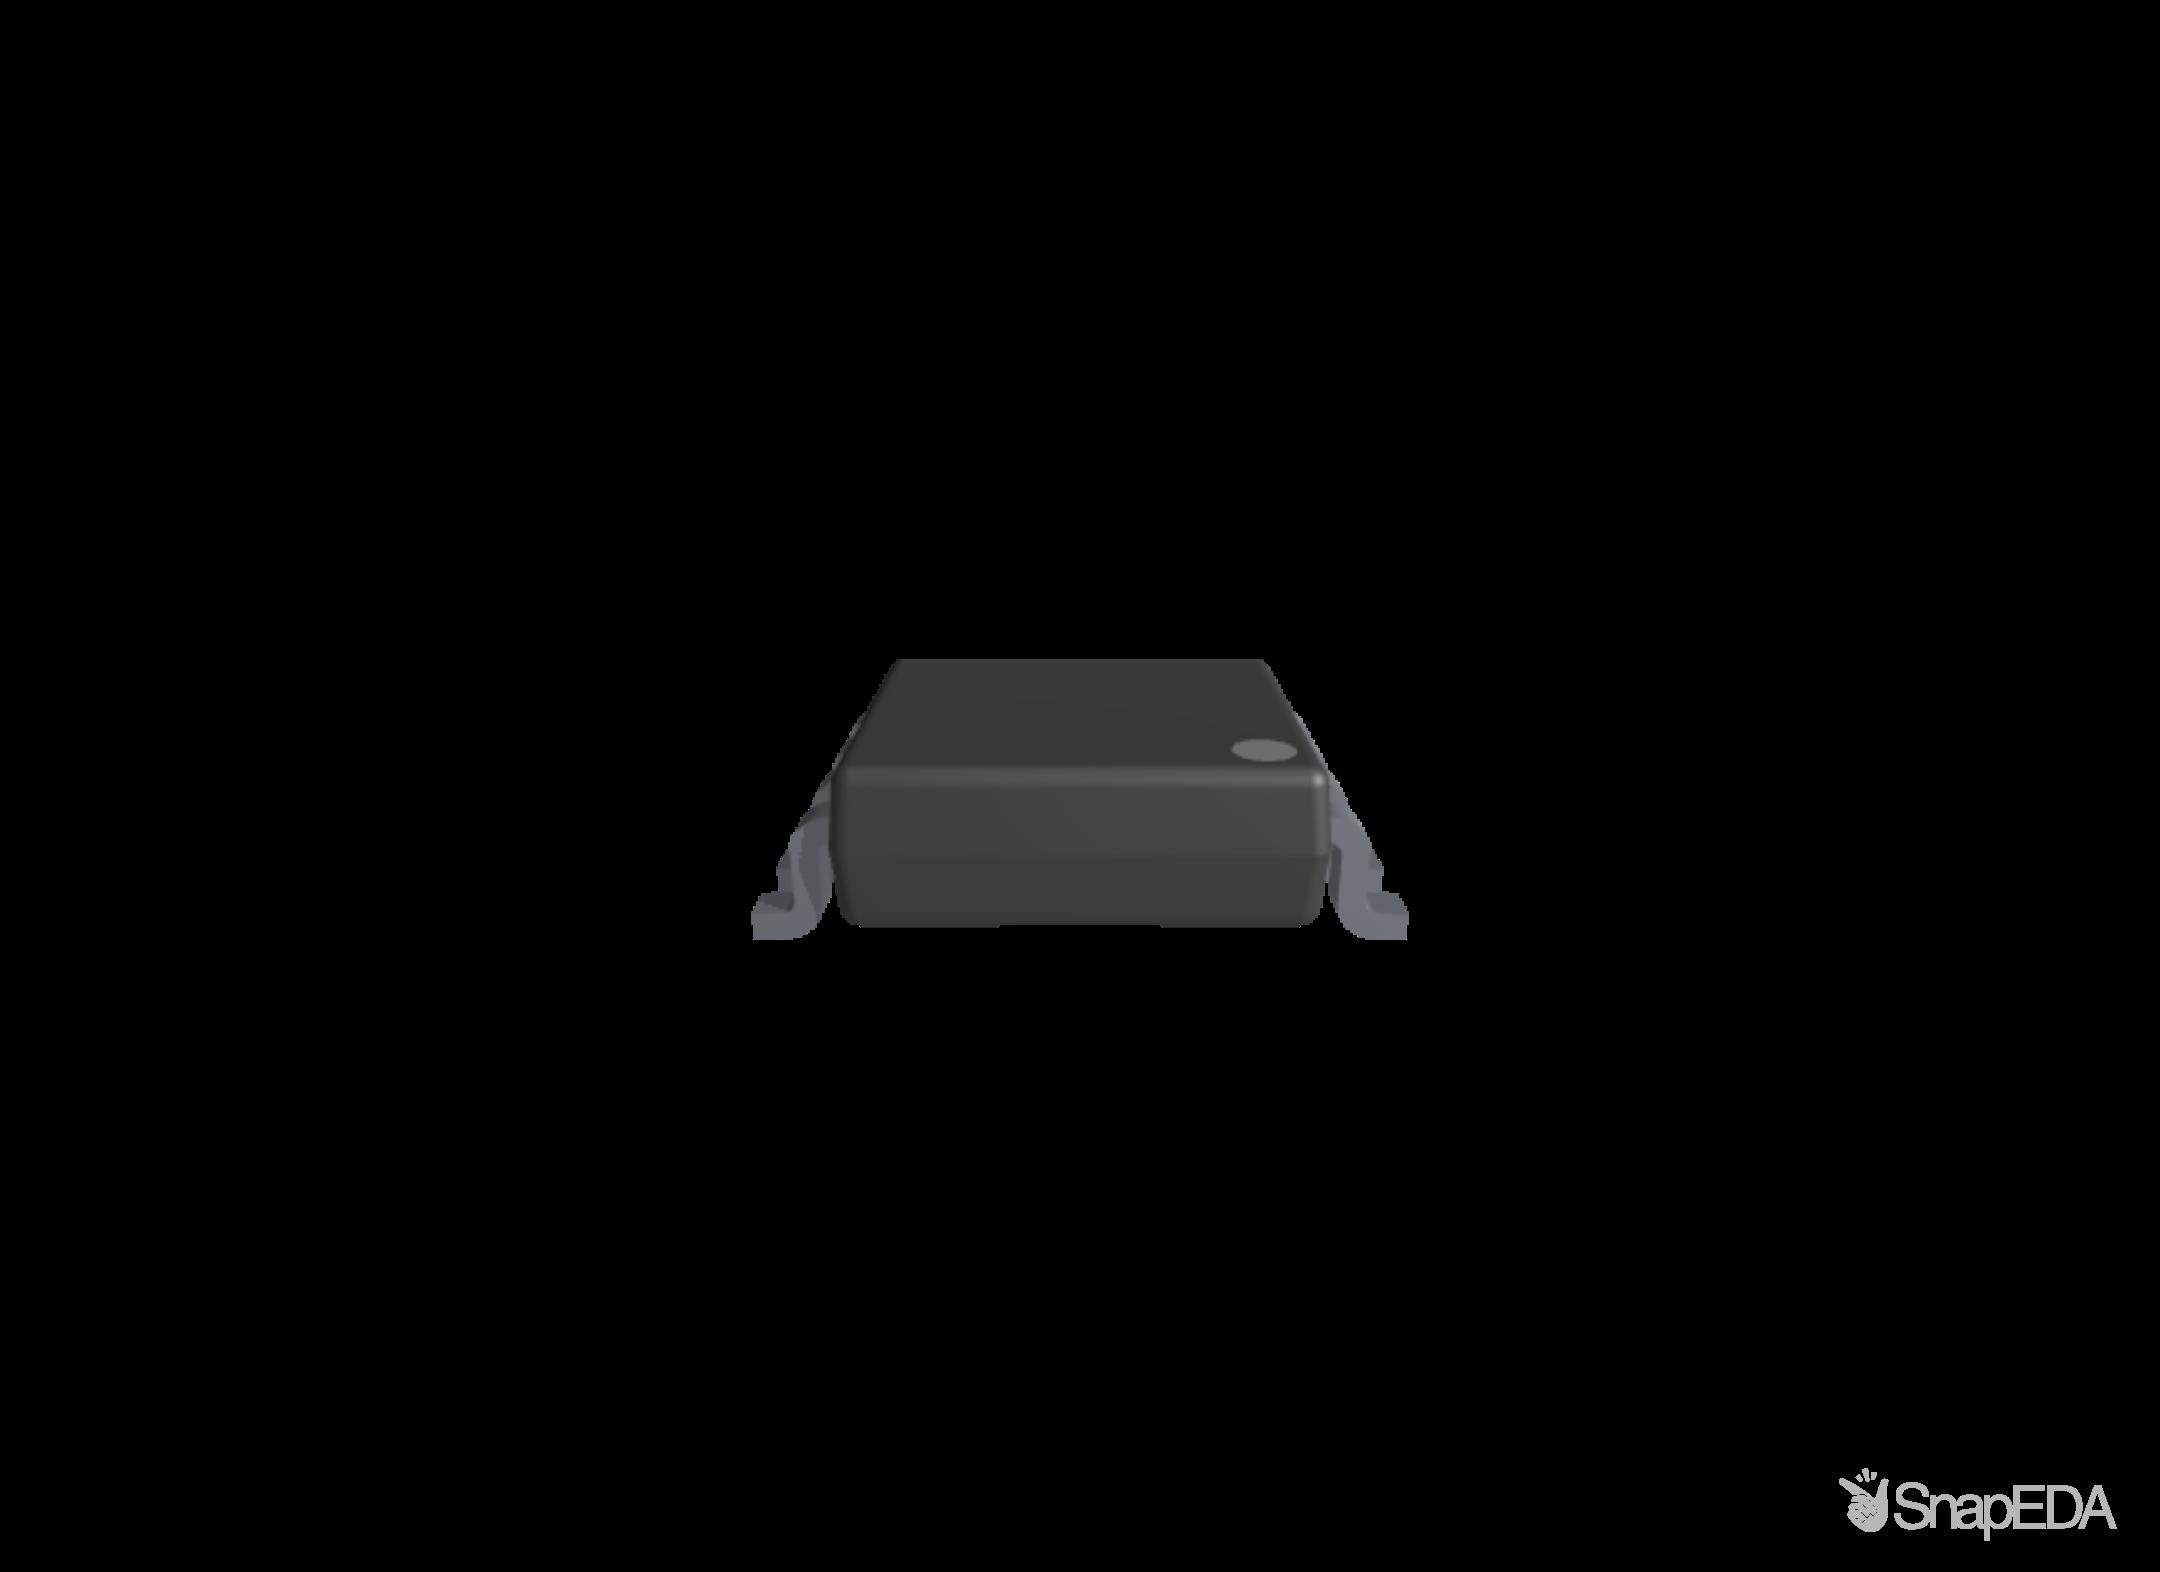 SN74LVC2G241DCUR 3D Model